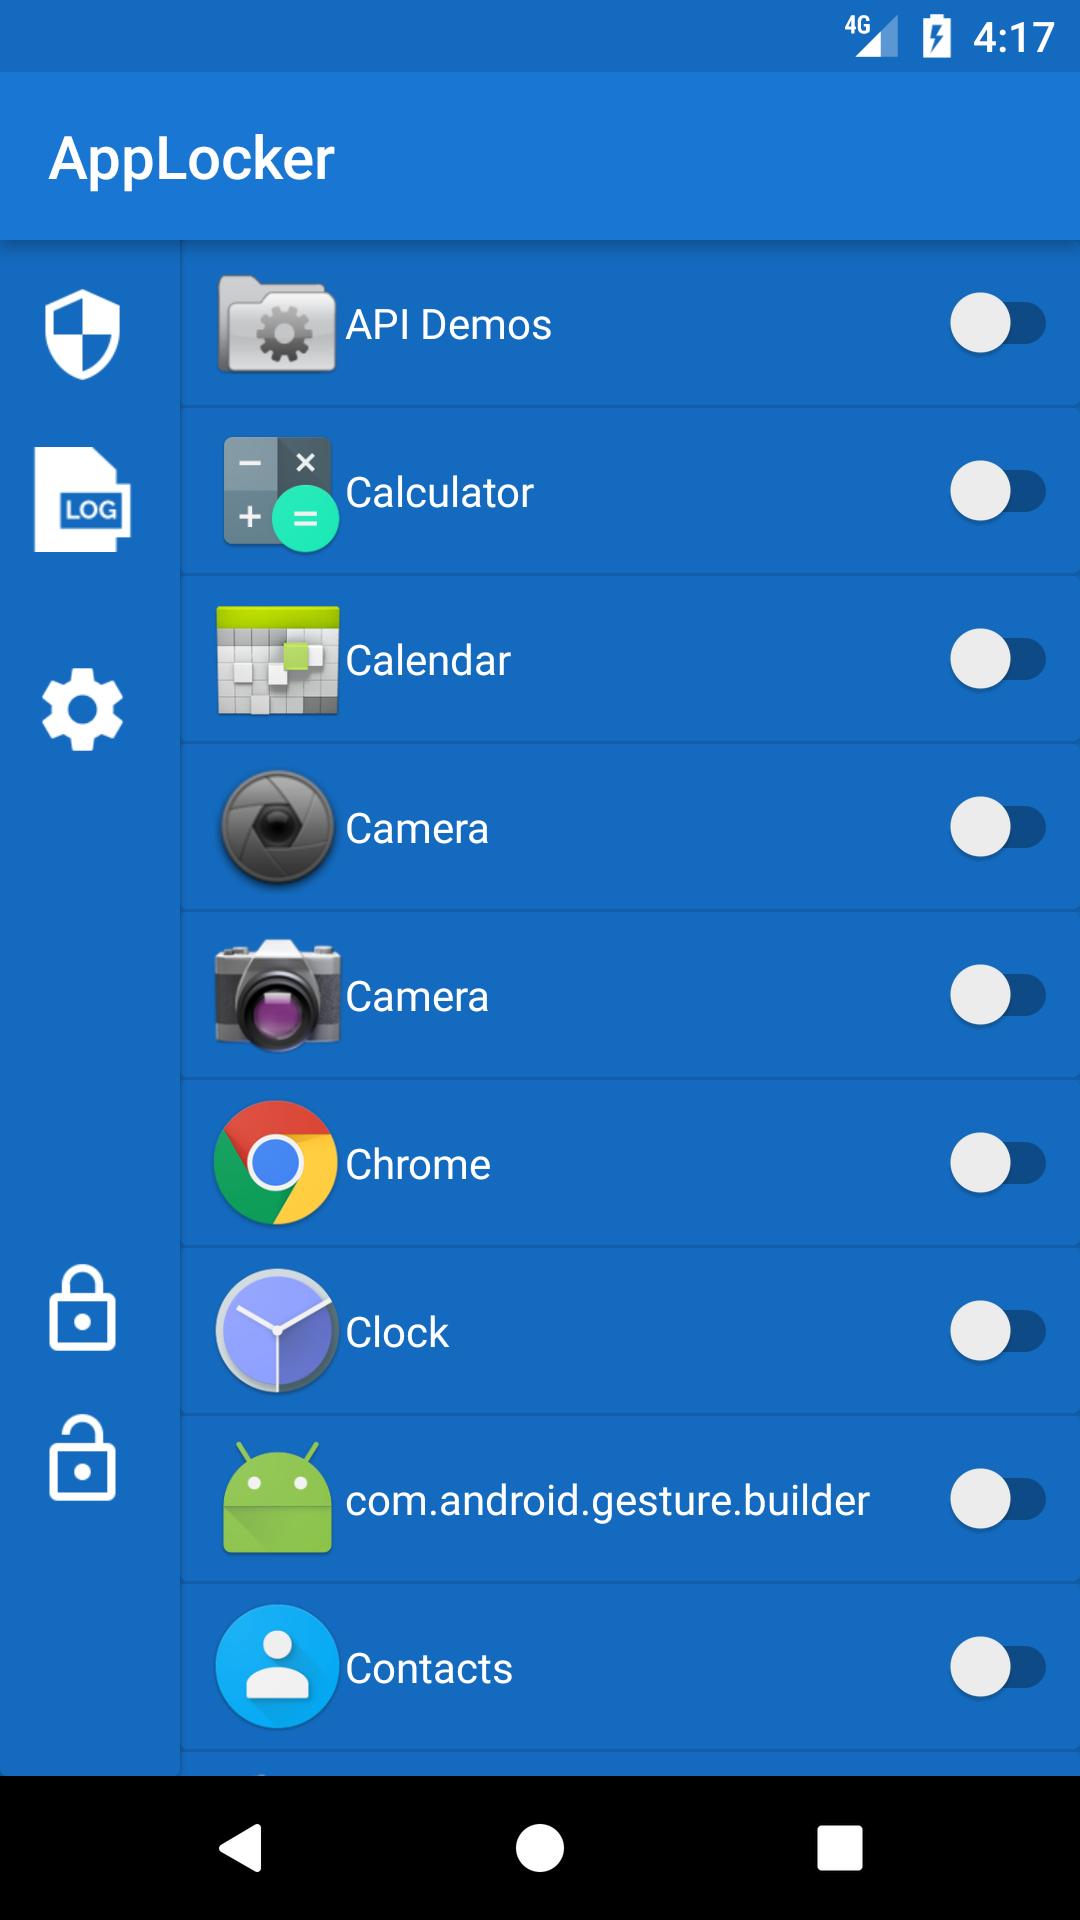 App Locker - Privacy Matters ( applock app lock applocker